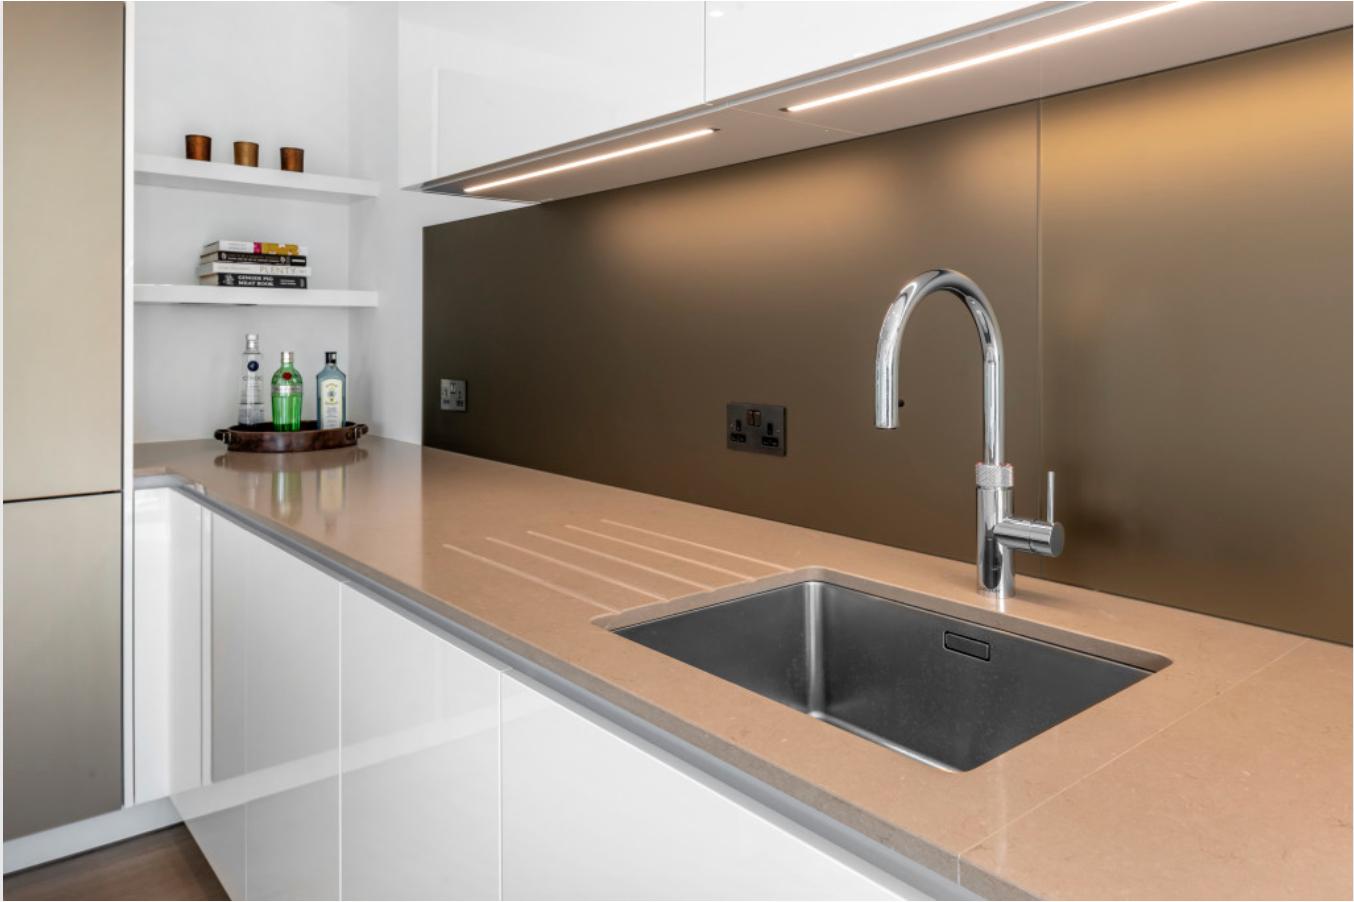 countertops, quarts and natural stone